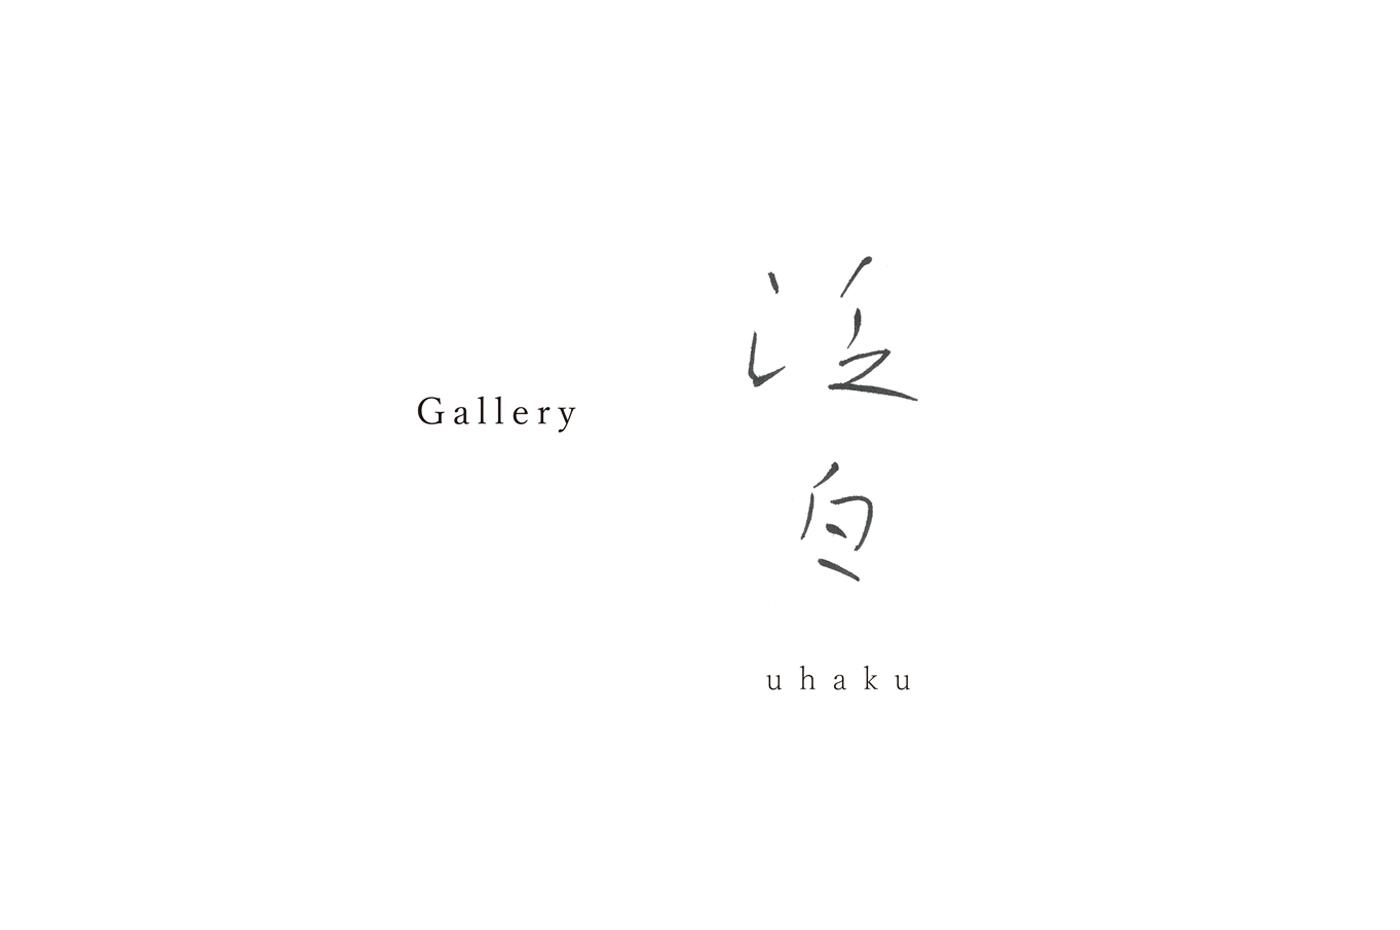 Gallery 泛白 uhaku